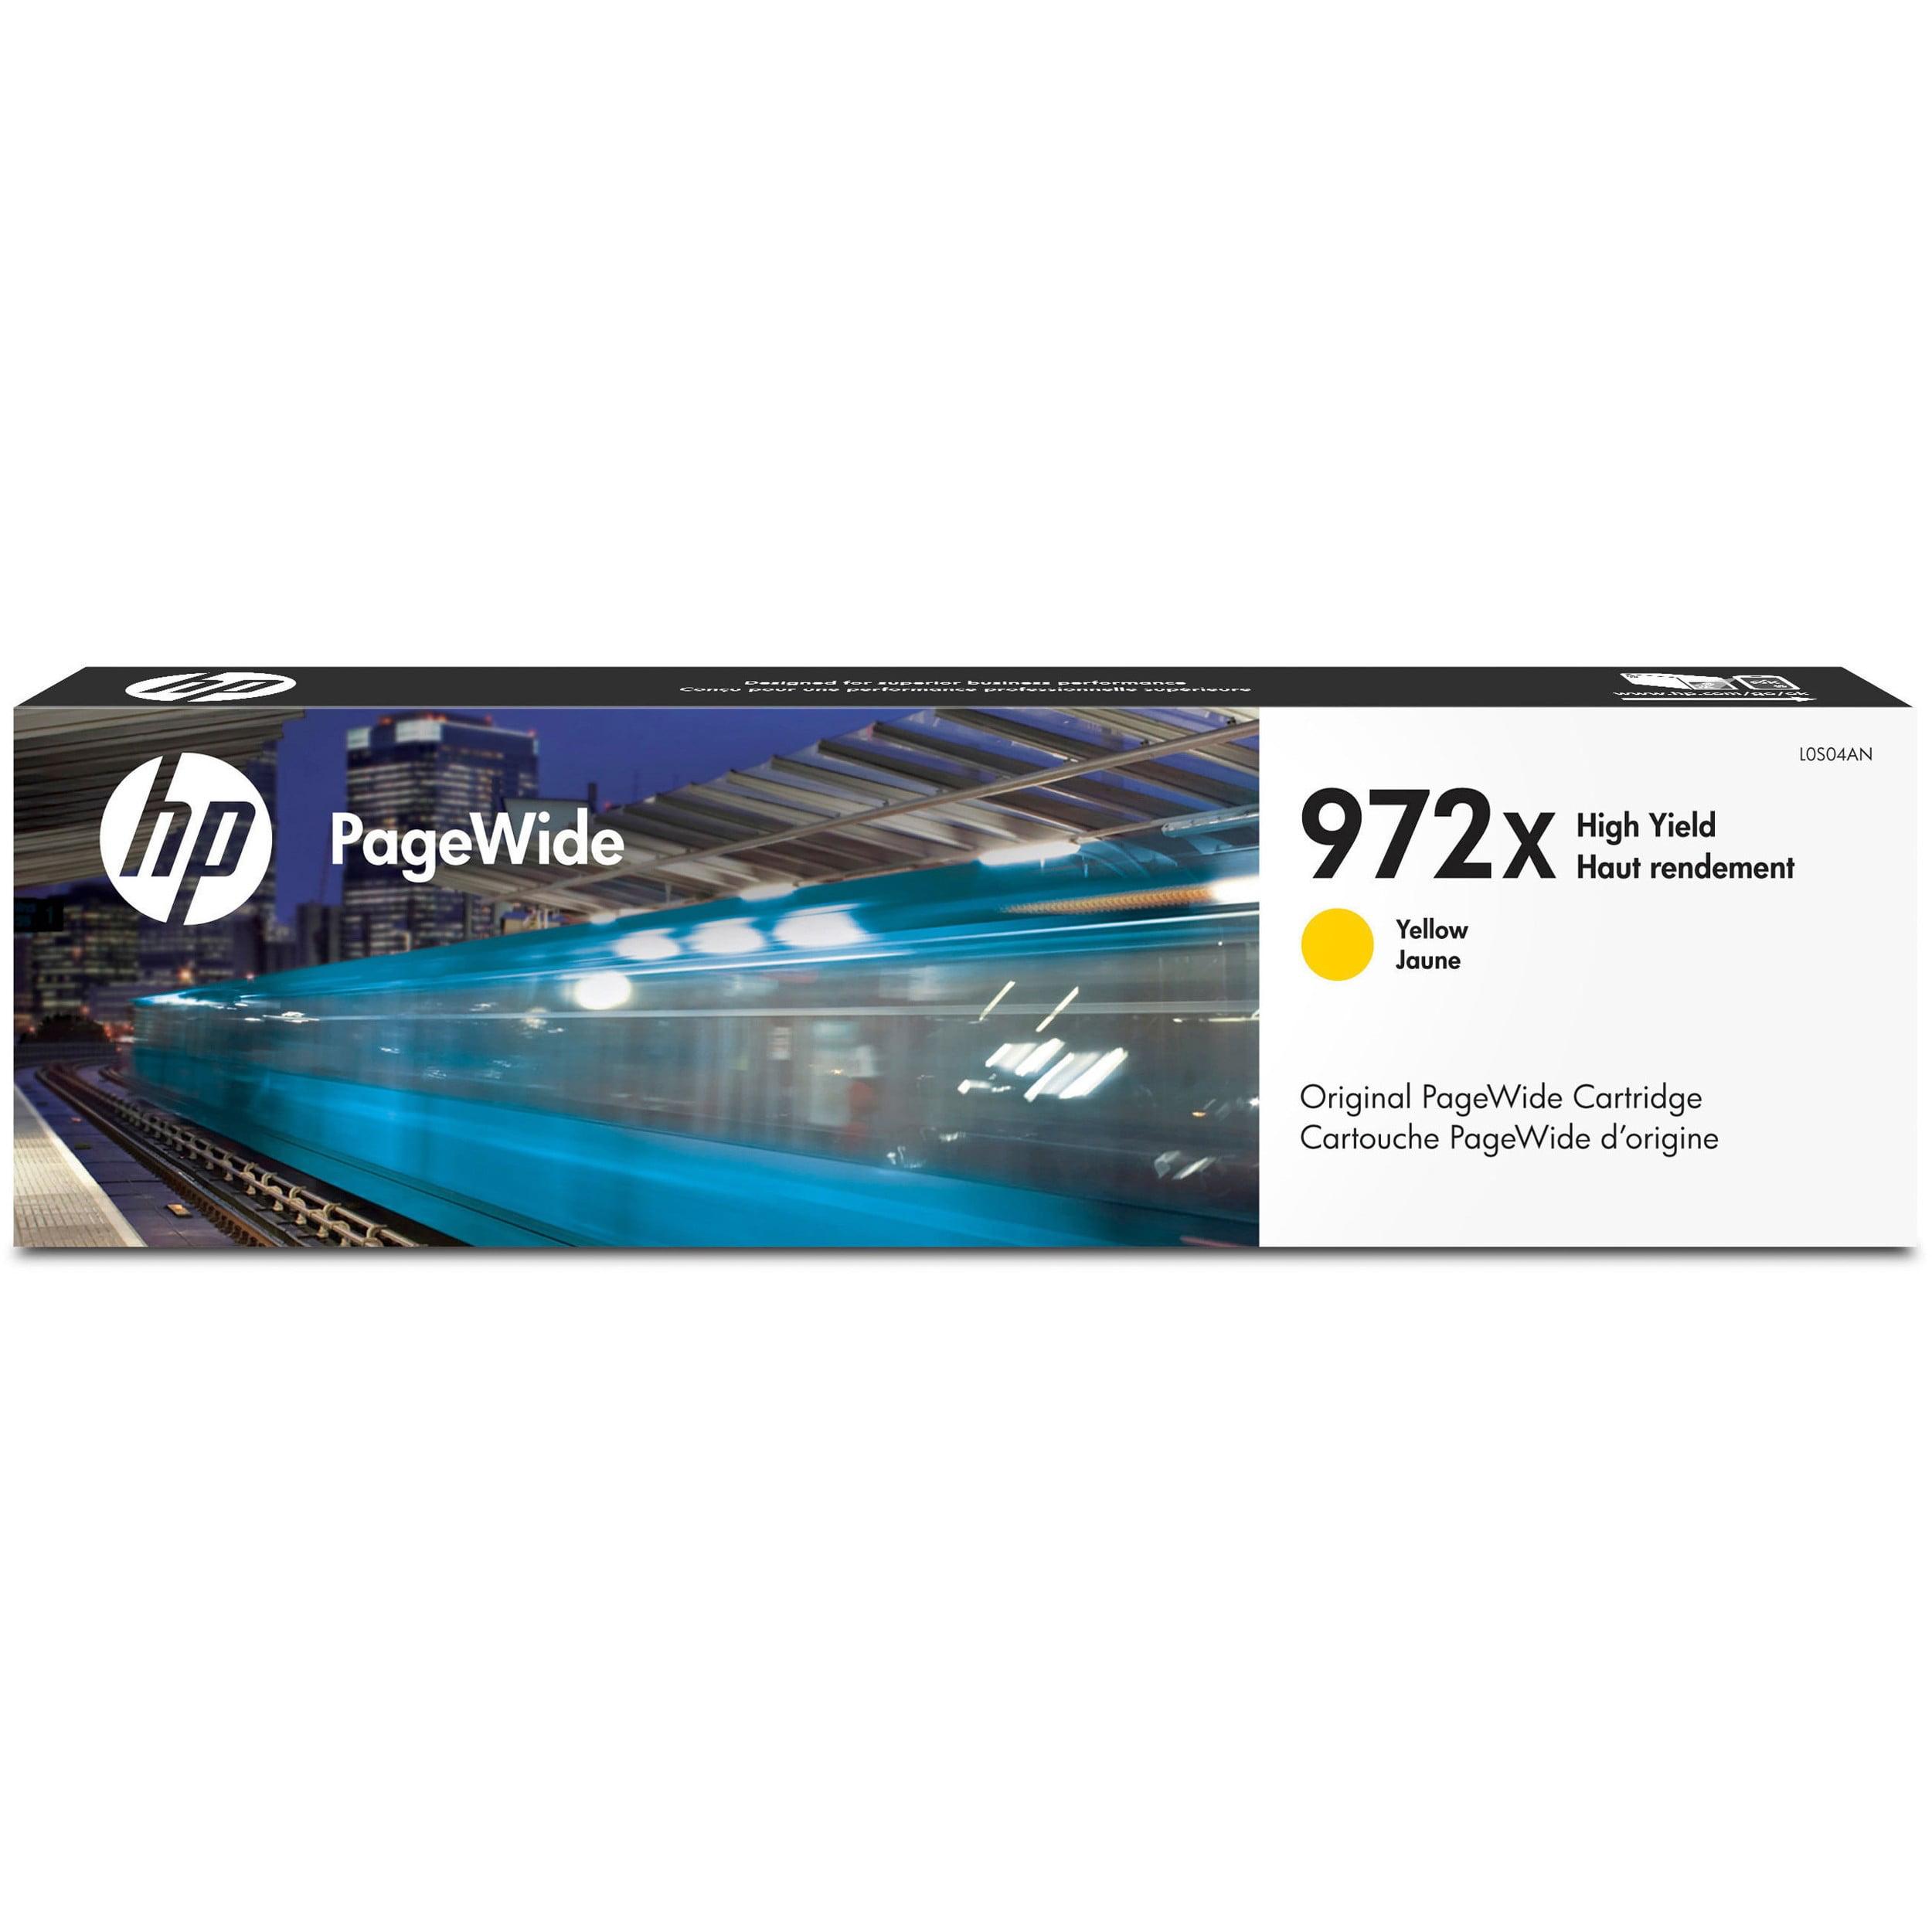 HP 972X Hi YD YLLW PW cart